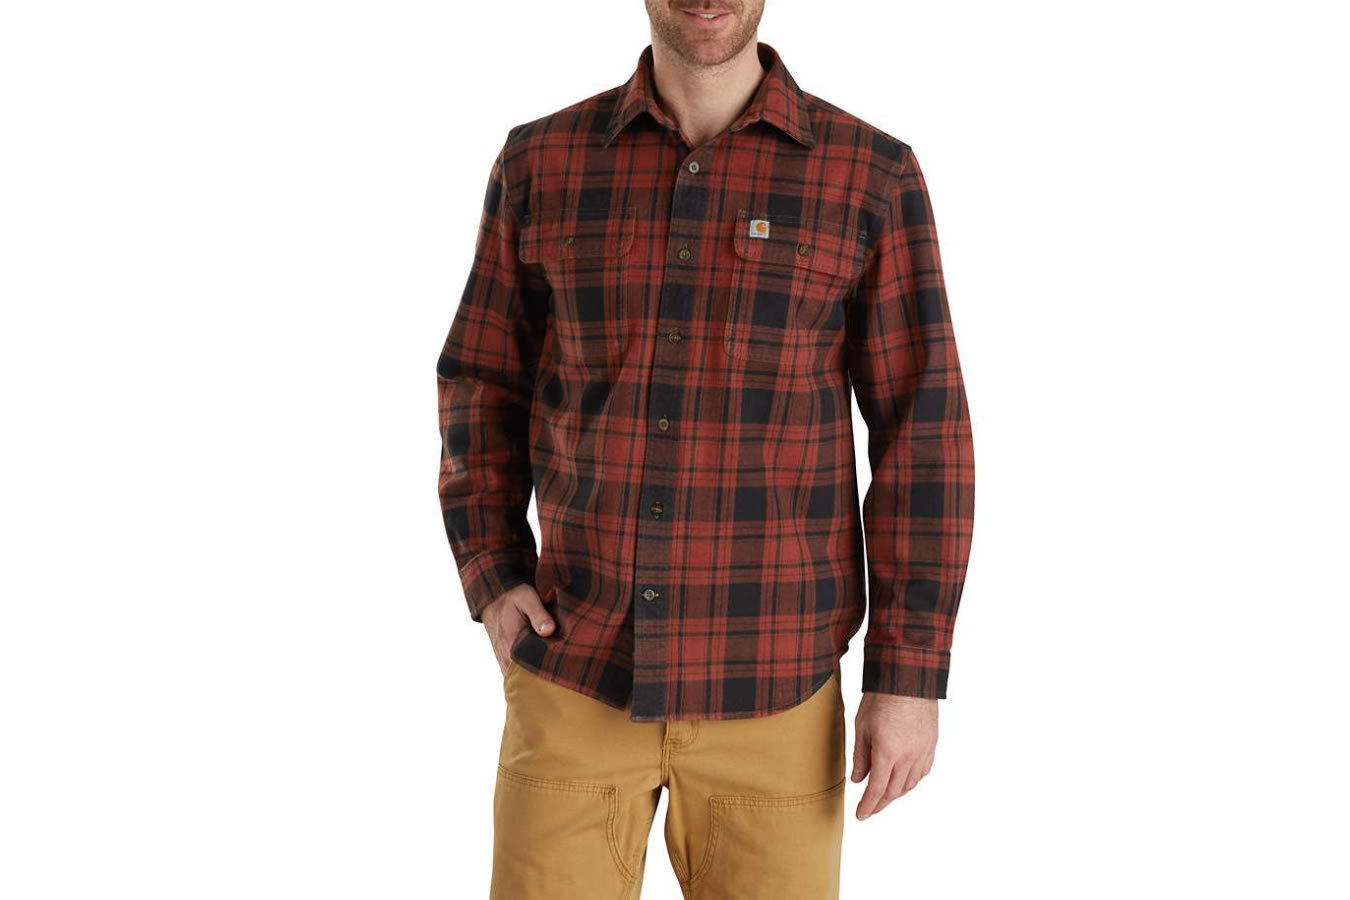 oficjalna strona dostać nowe na wyprzedaży Hubbard Plaid Flannel Shirt